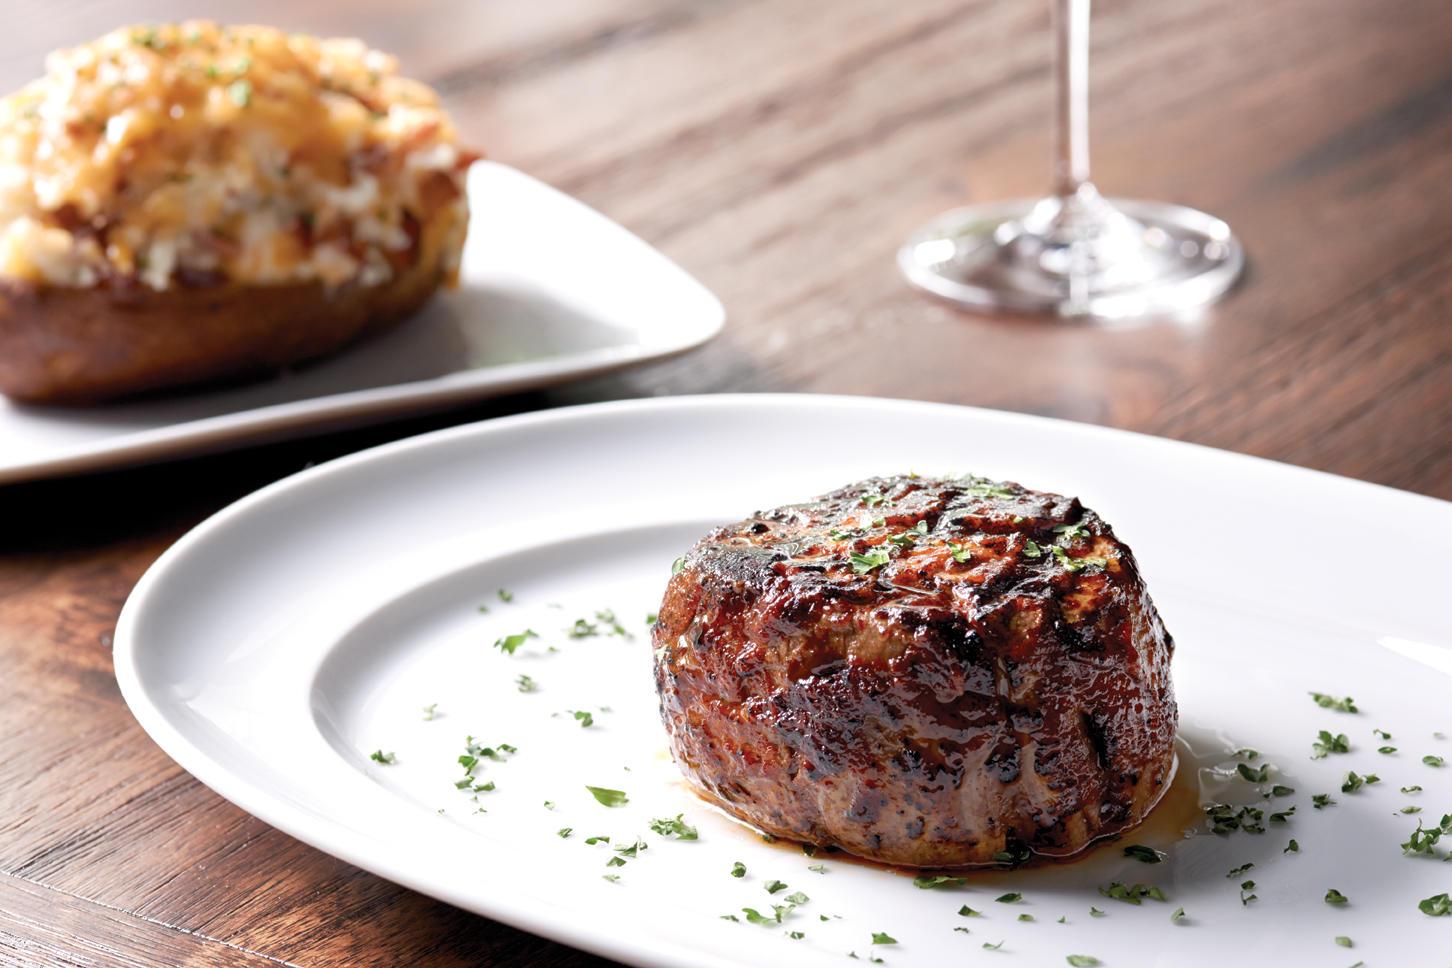 Mastro's Steakhouse image 2